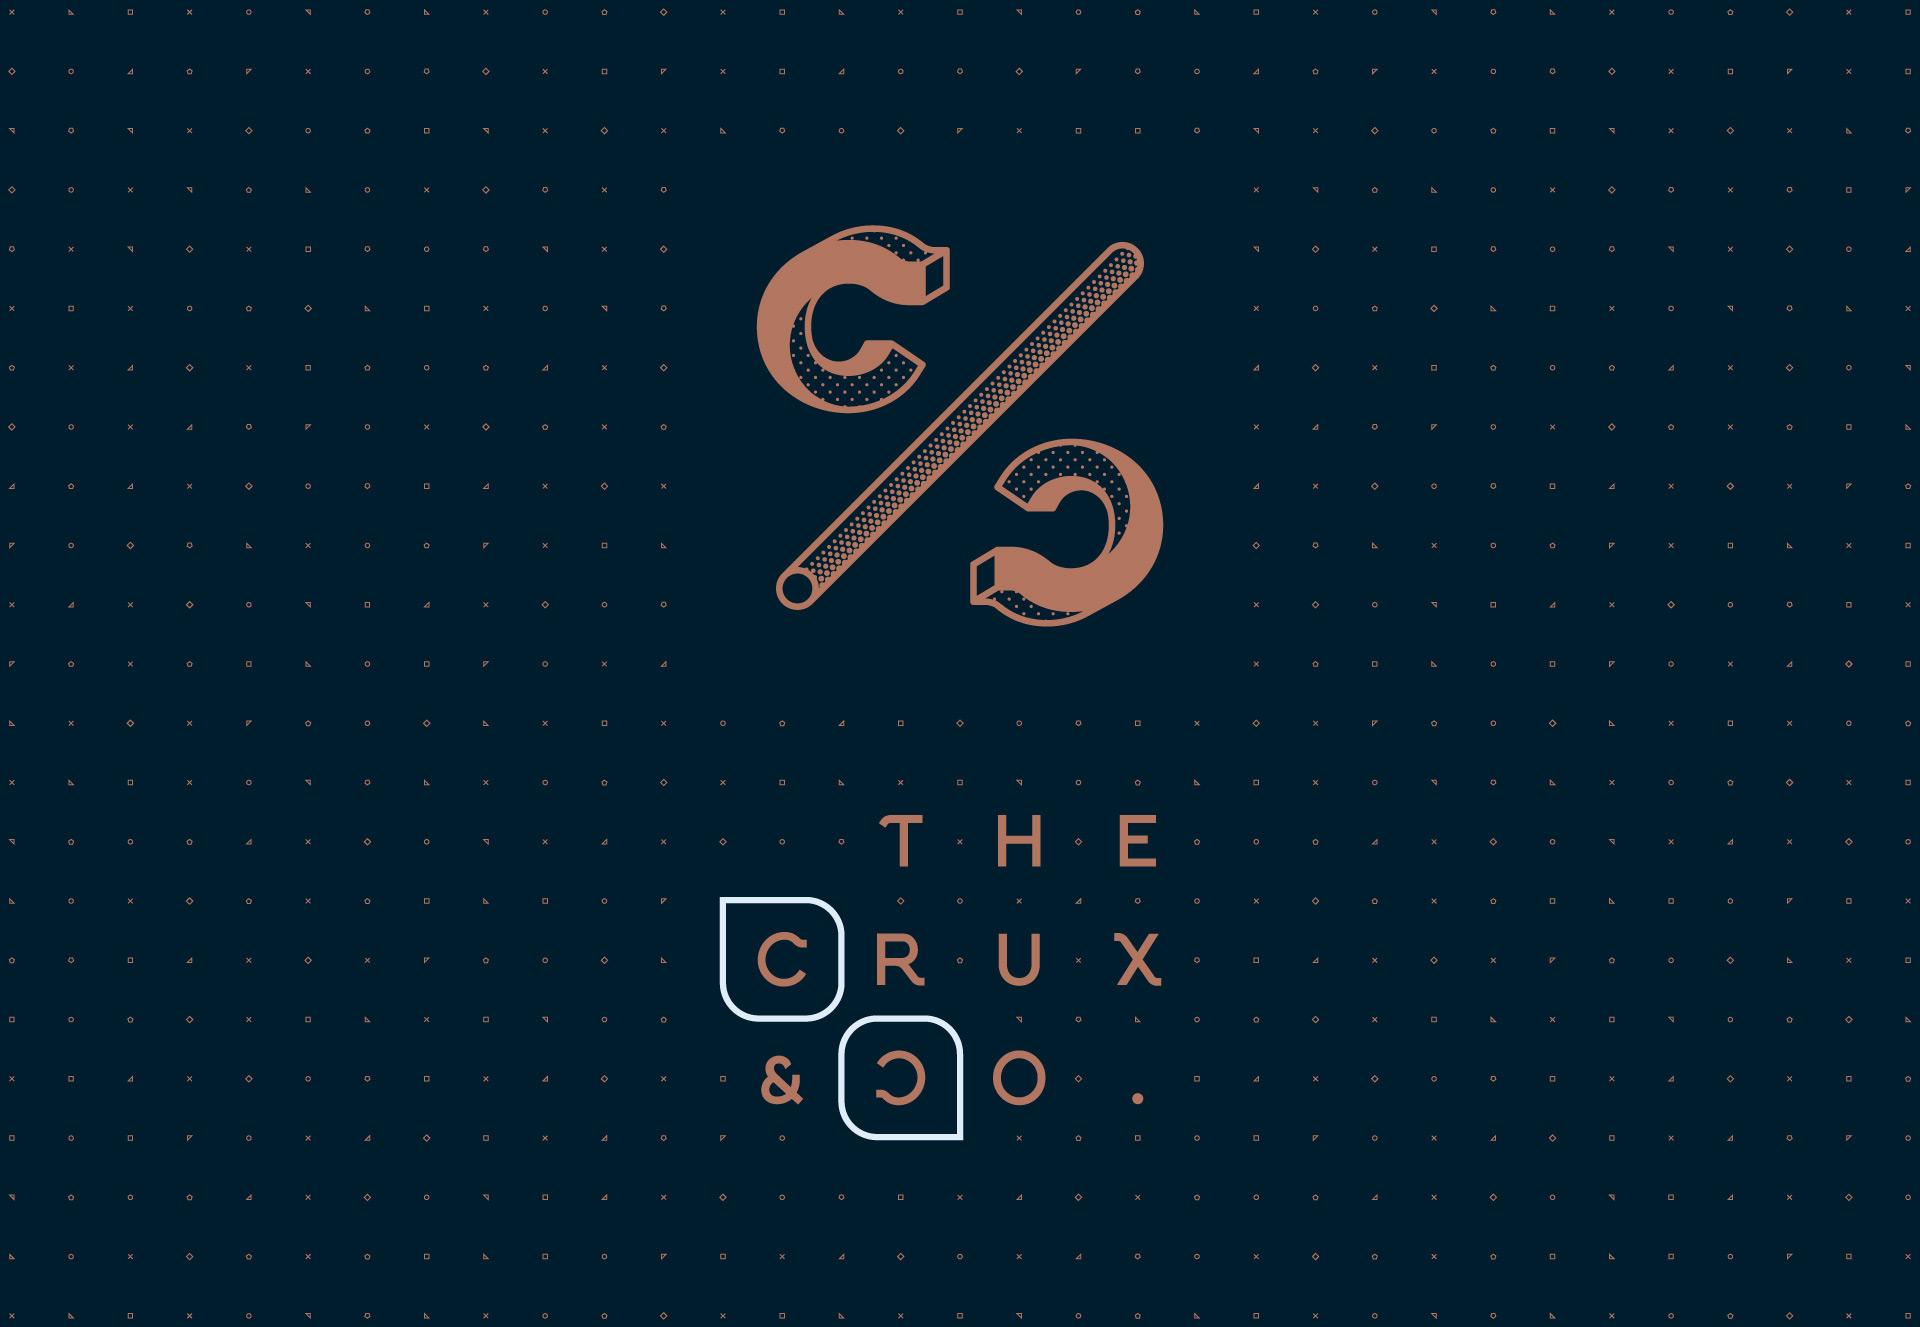 idesign crux 02